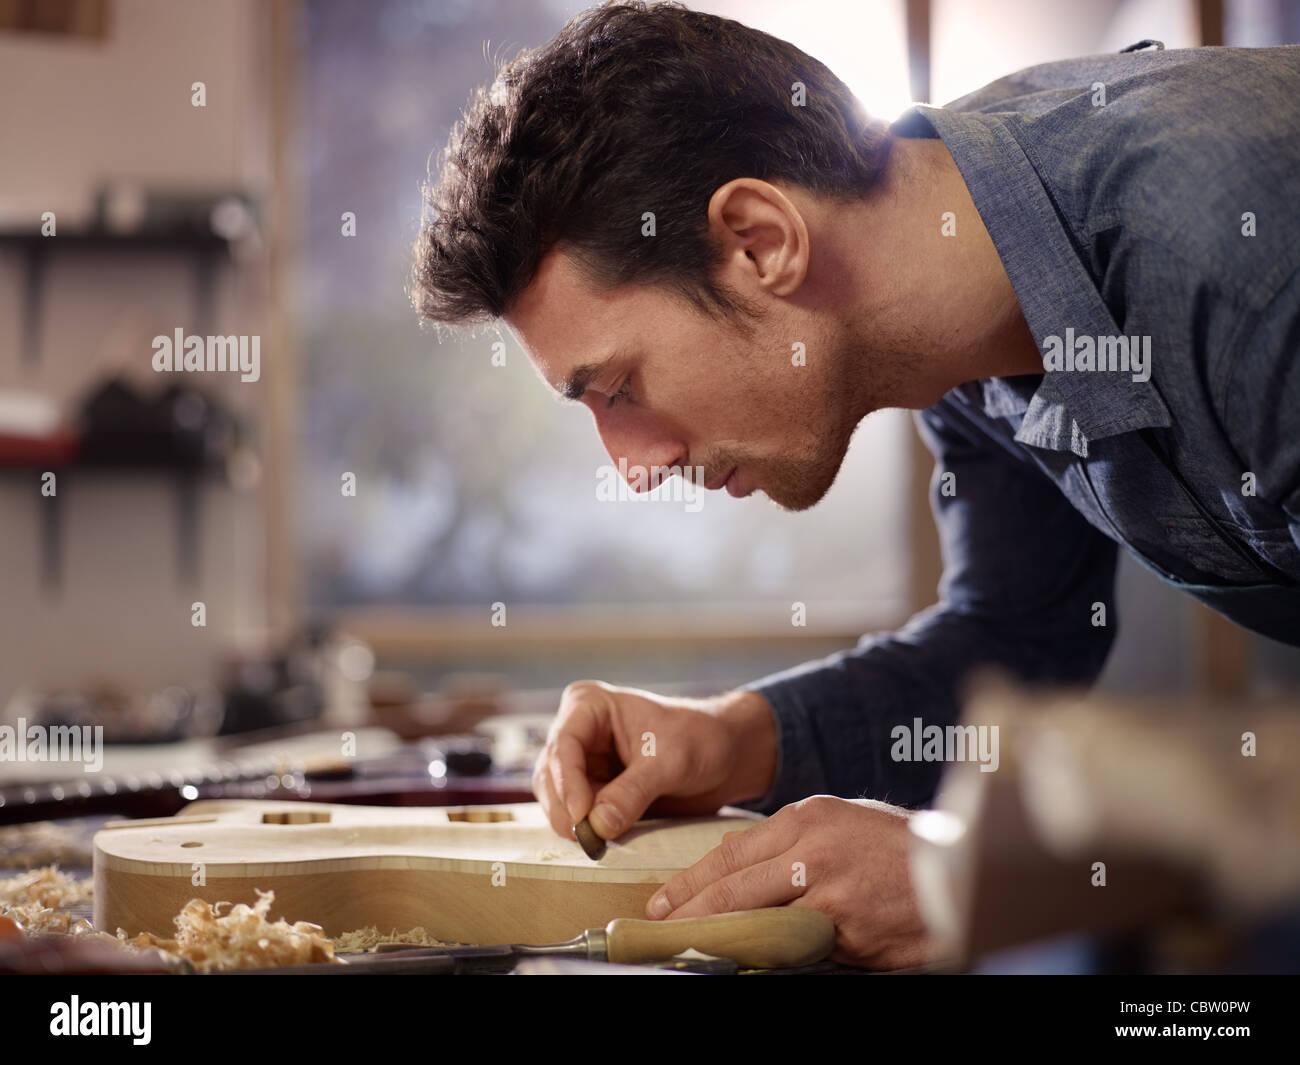 Metà uomo adulto a lavorare come artigiano in workshop italiano con le chitarre e strumenti musicali, levigatura Immagini Stock